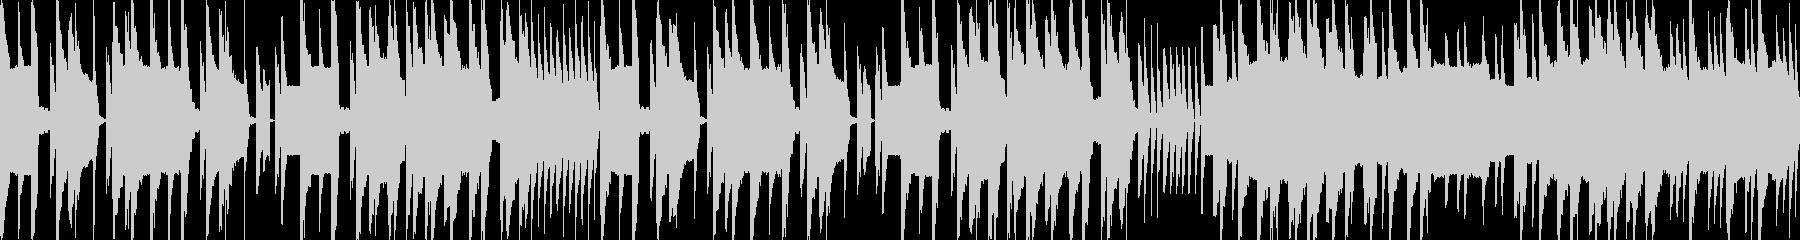 ループ素材リズミカルなファミコン風ジャズの未再生の波形